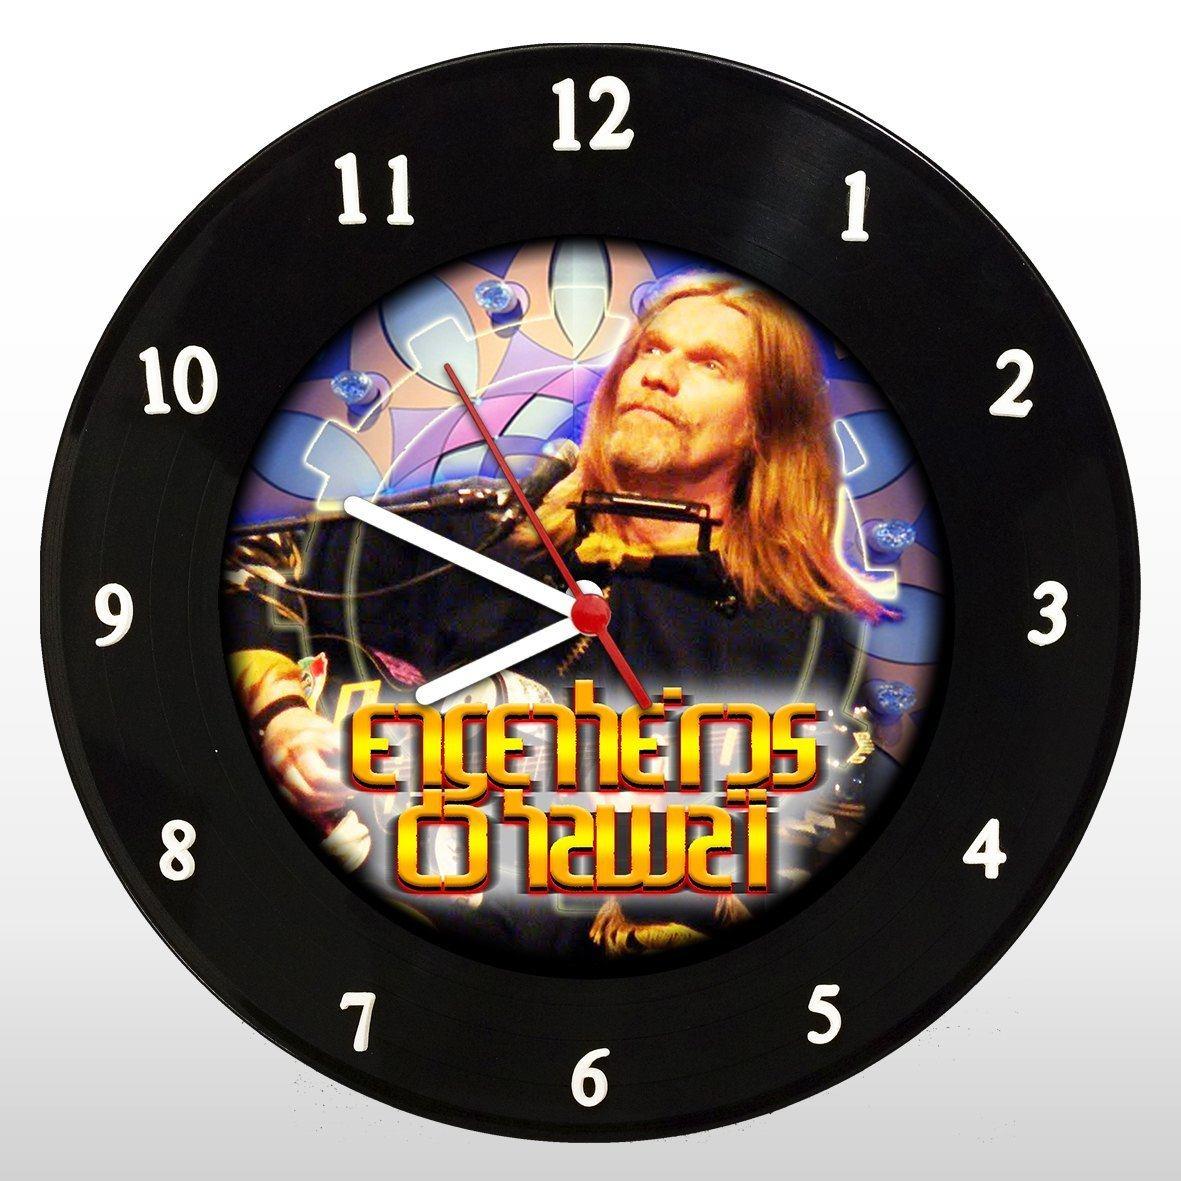 Engenheiros do Hawaii - Relógio de Parede em Disco de Vinil - Mr. Rock